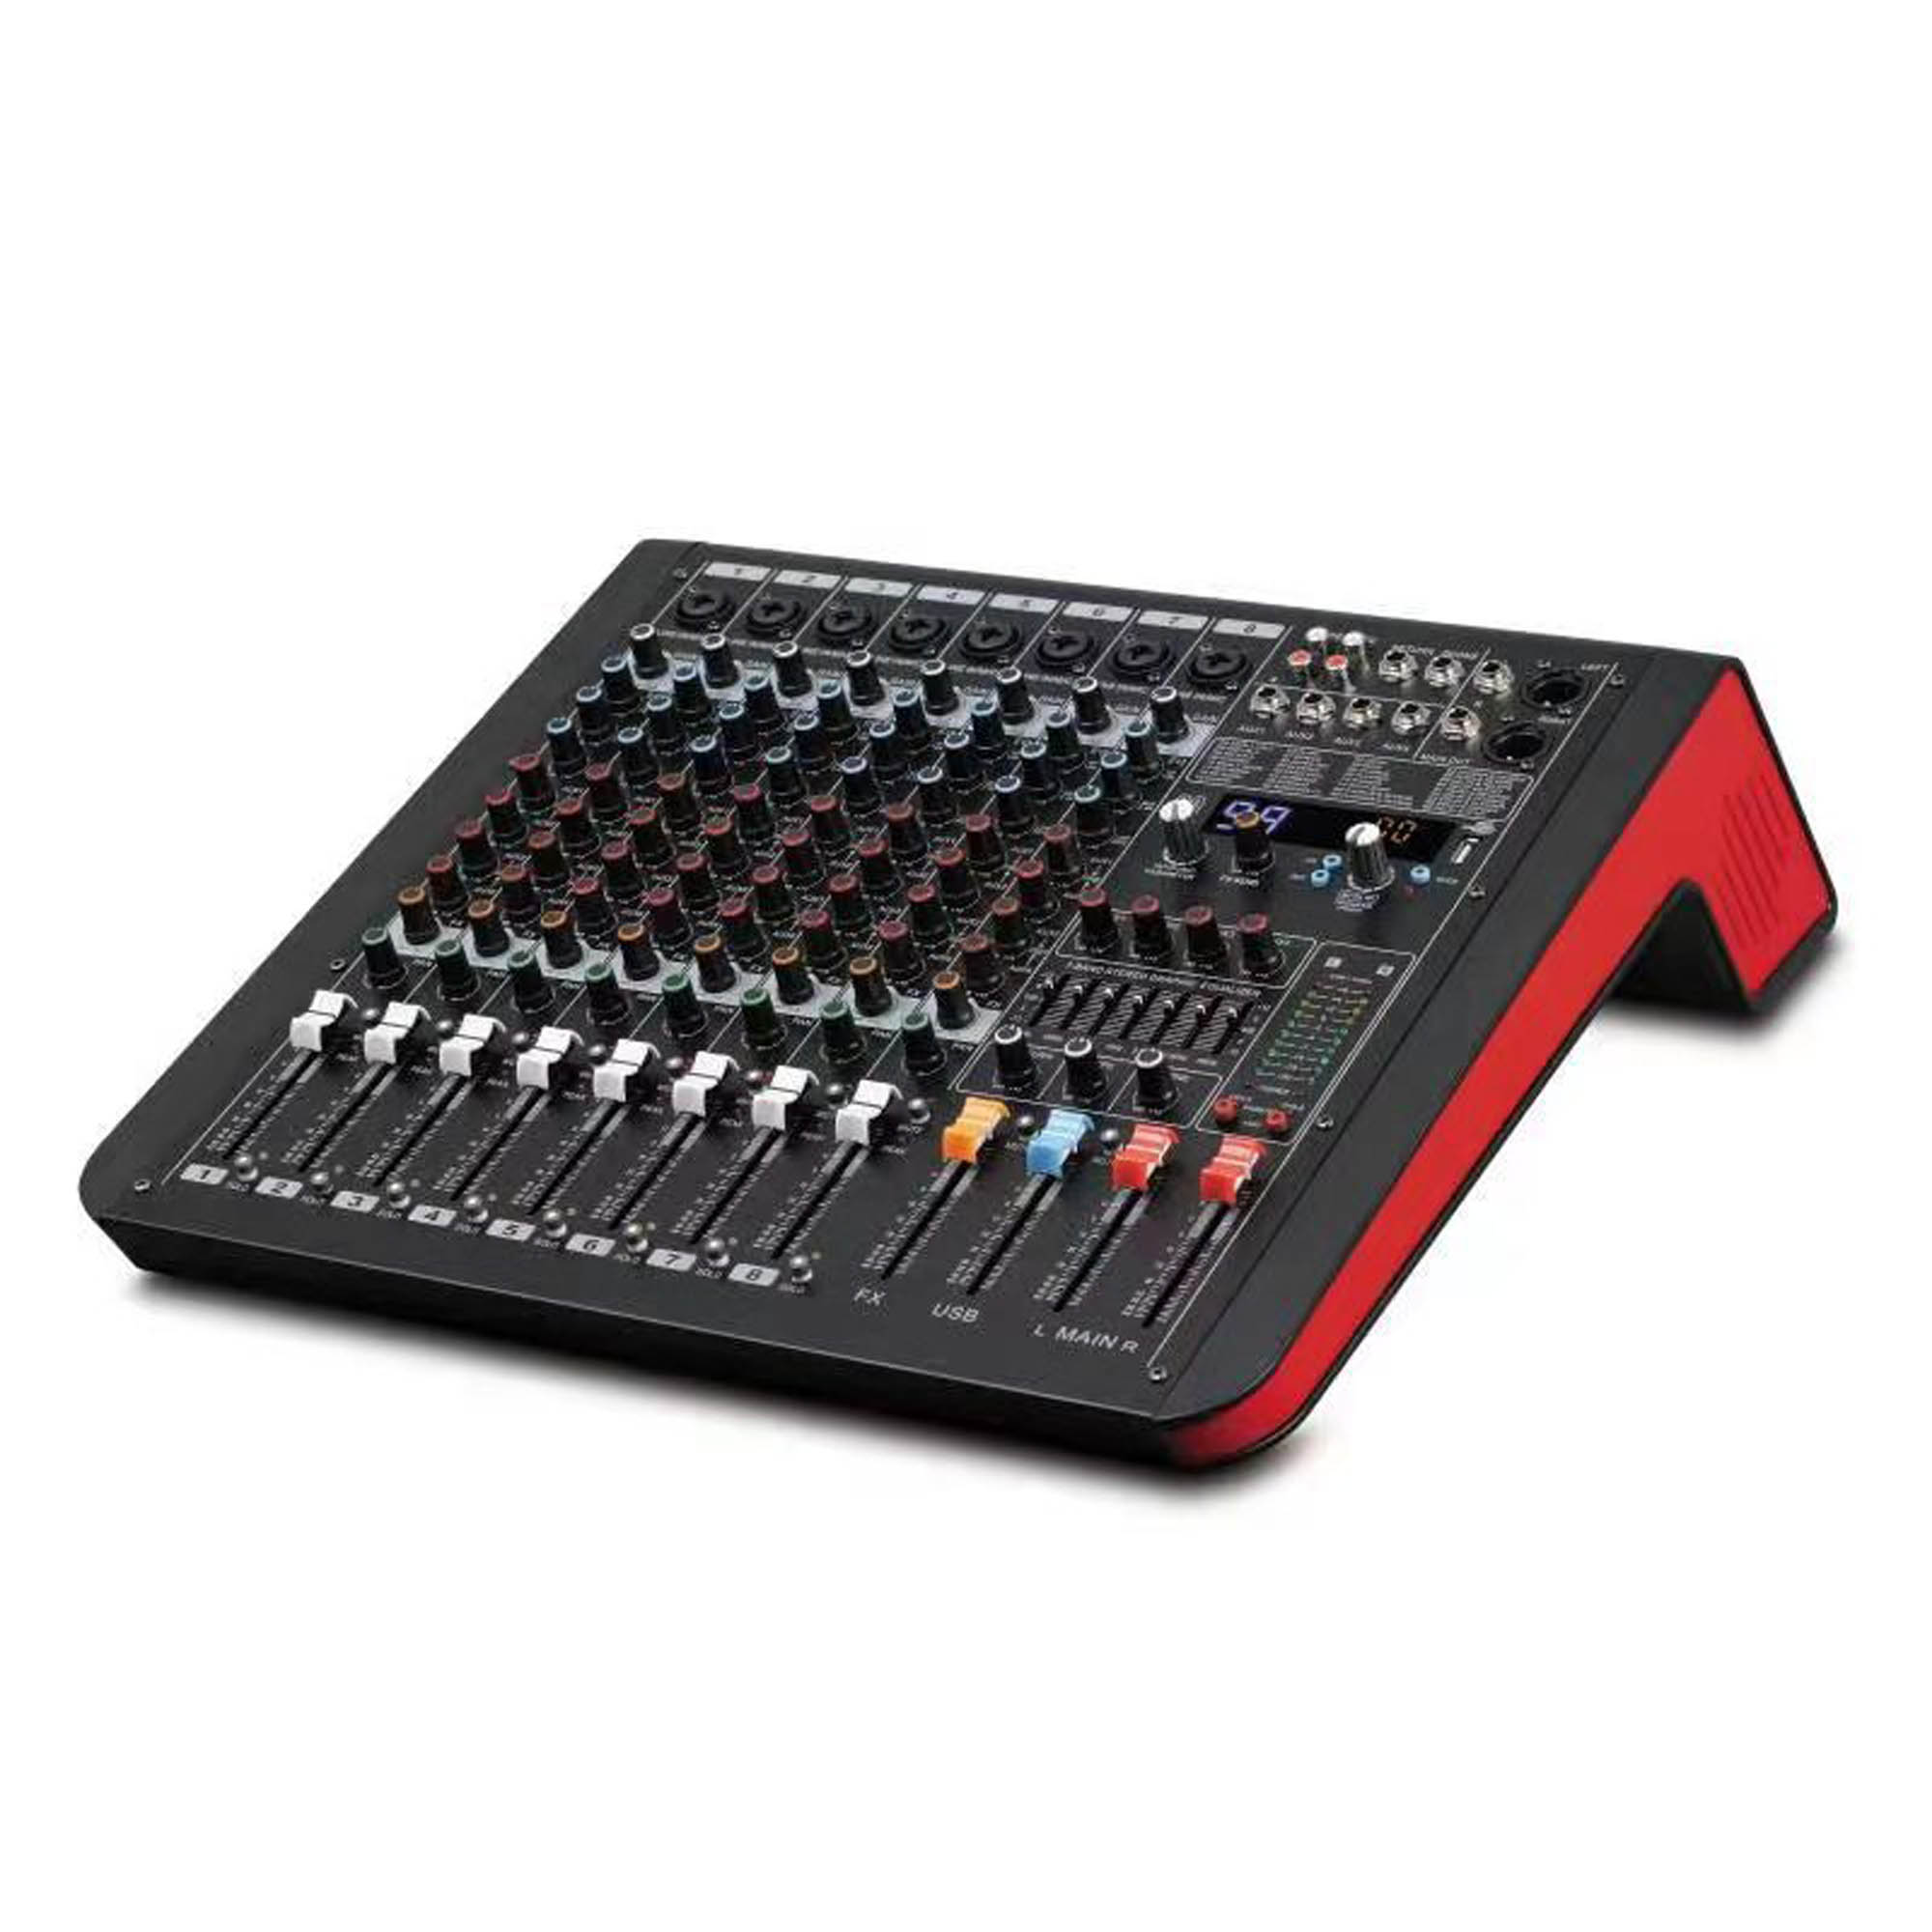 8-Channel Digital Signal Processor (DSP) Mixer